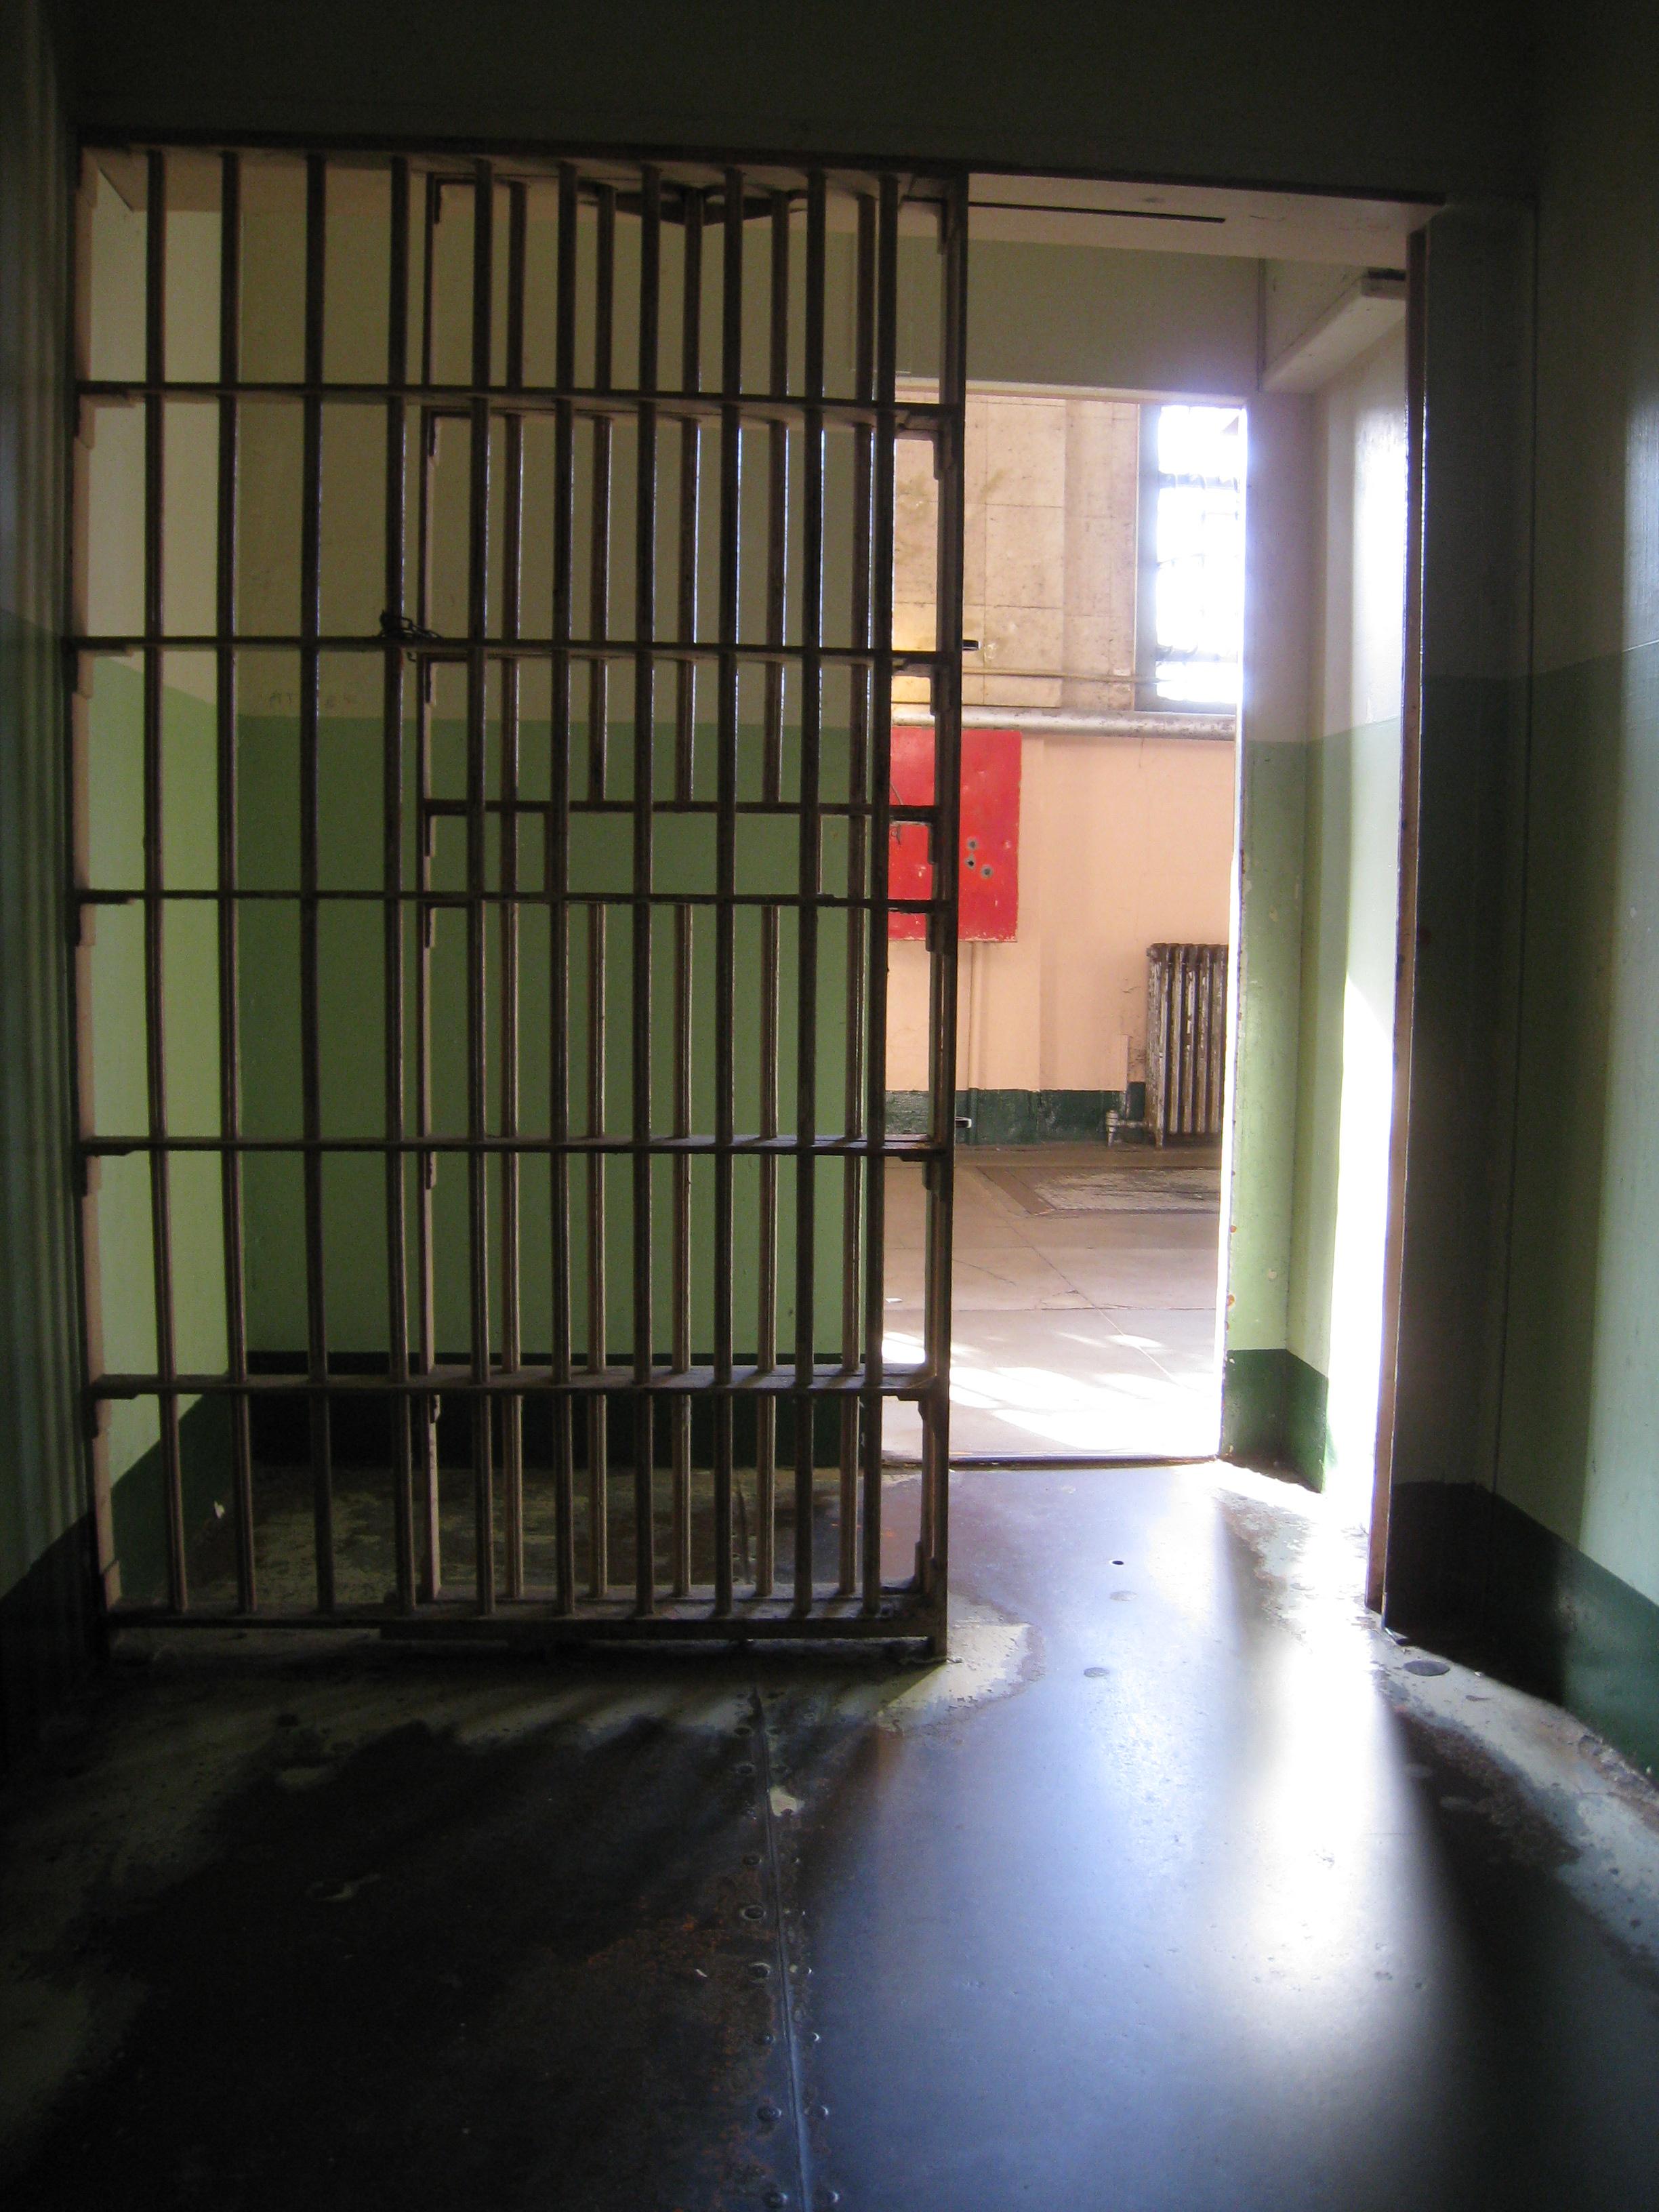 Inside D Block Cell Alcatraz Flickr Photo Sharing